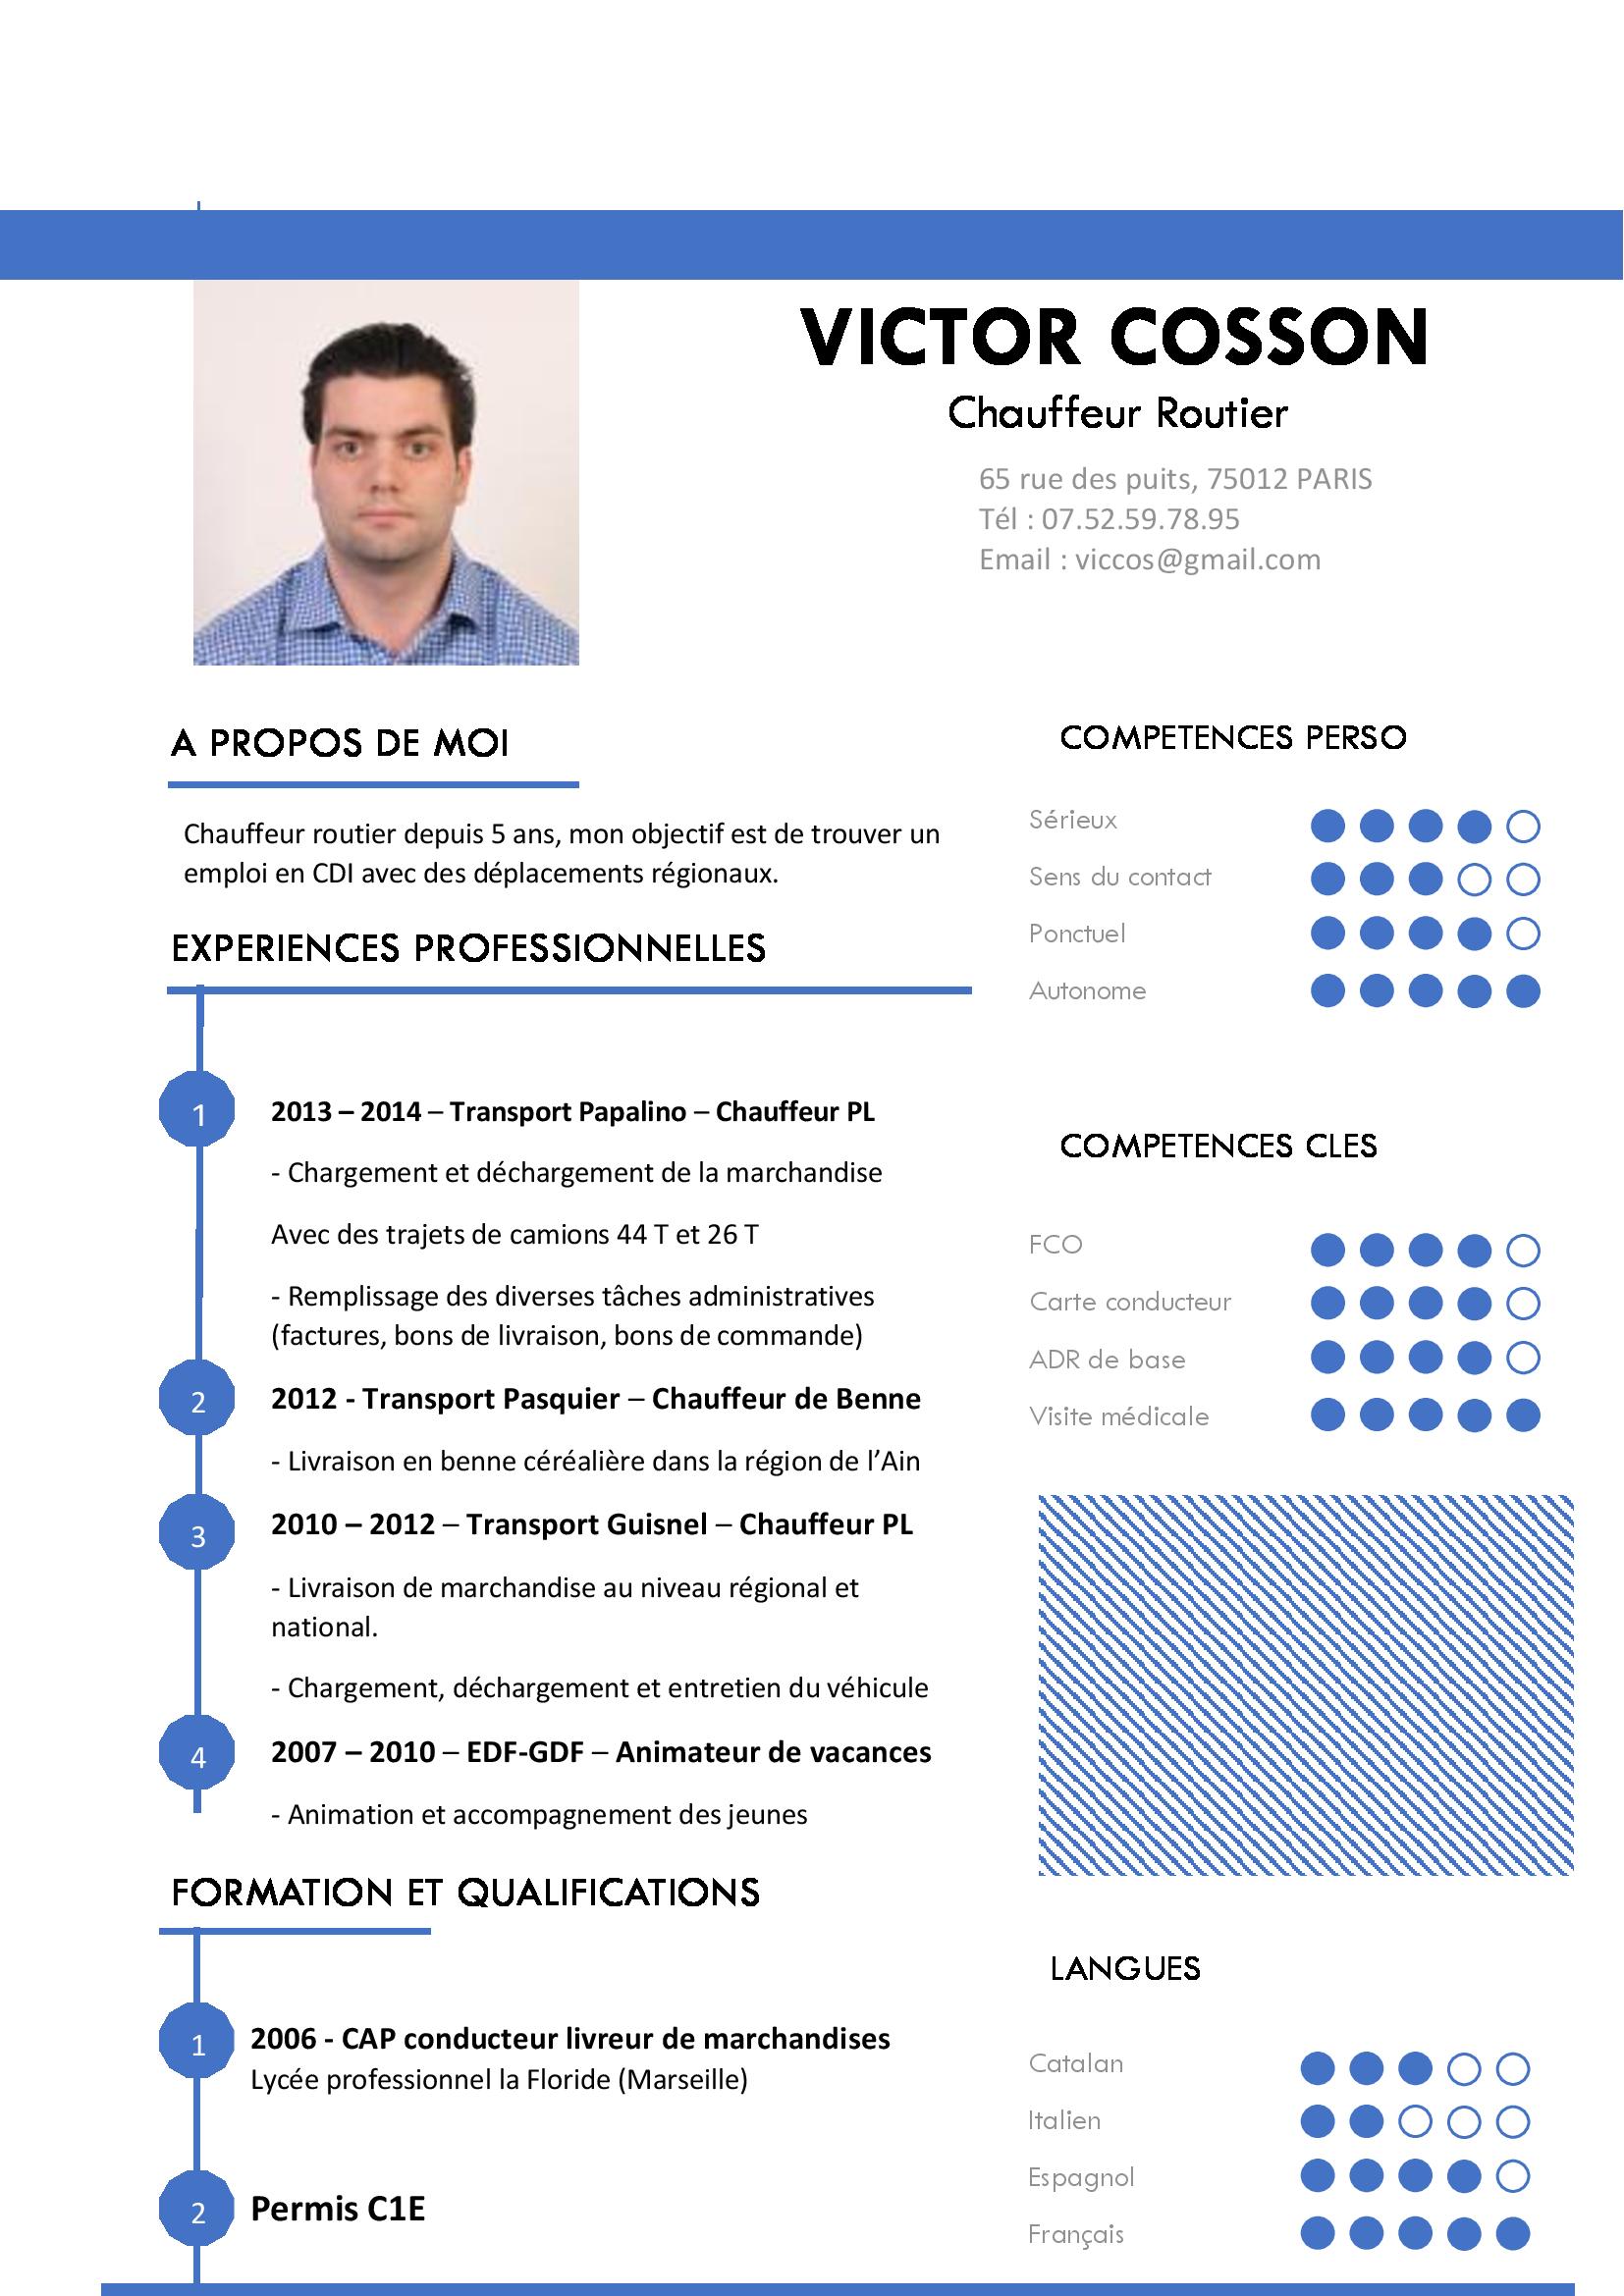 Exemple de cv chauffeur routier - laboite-cv.fr